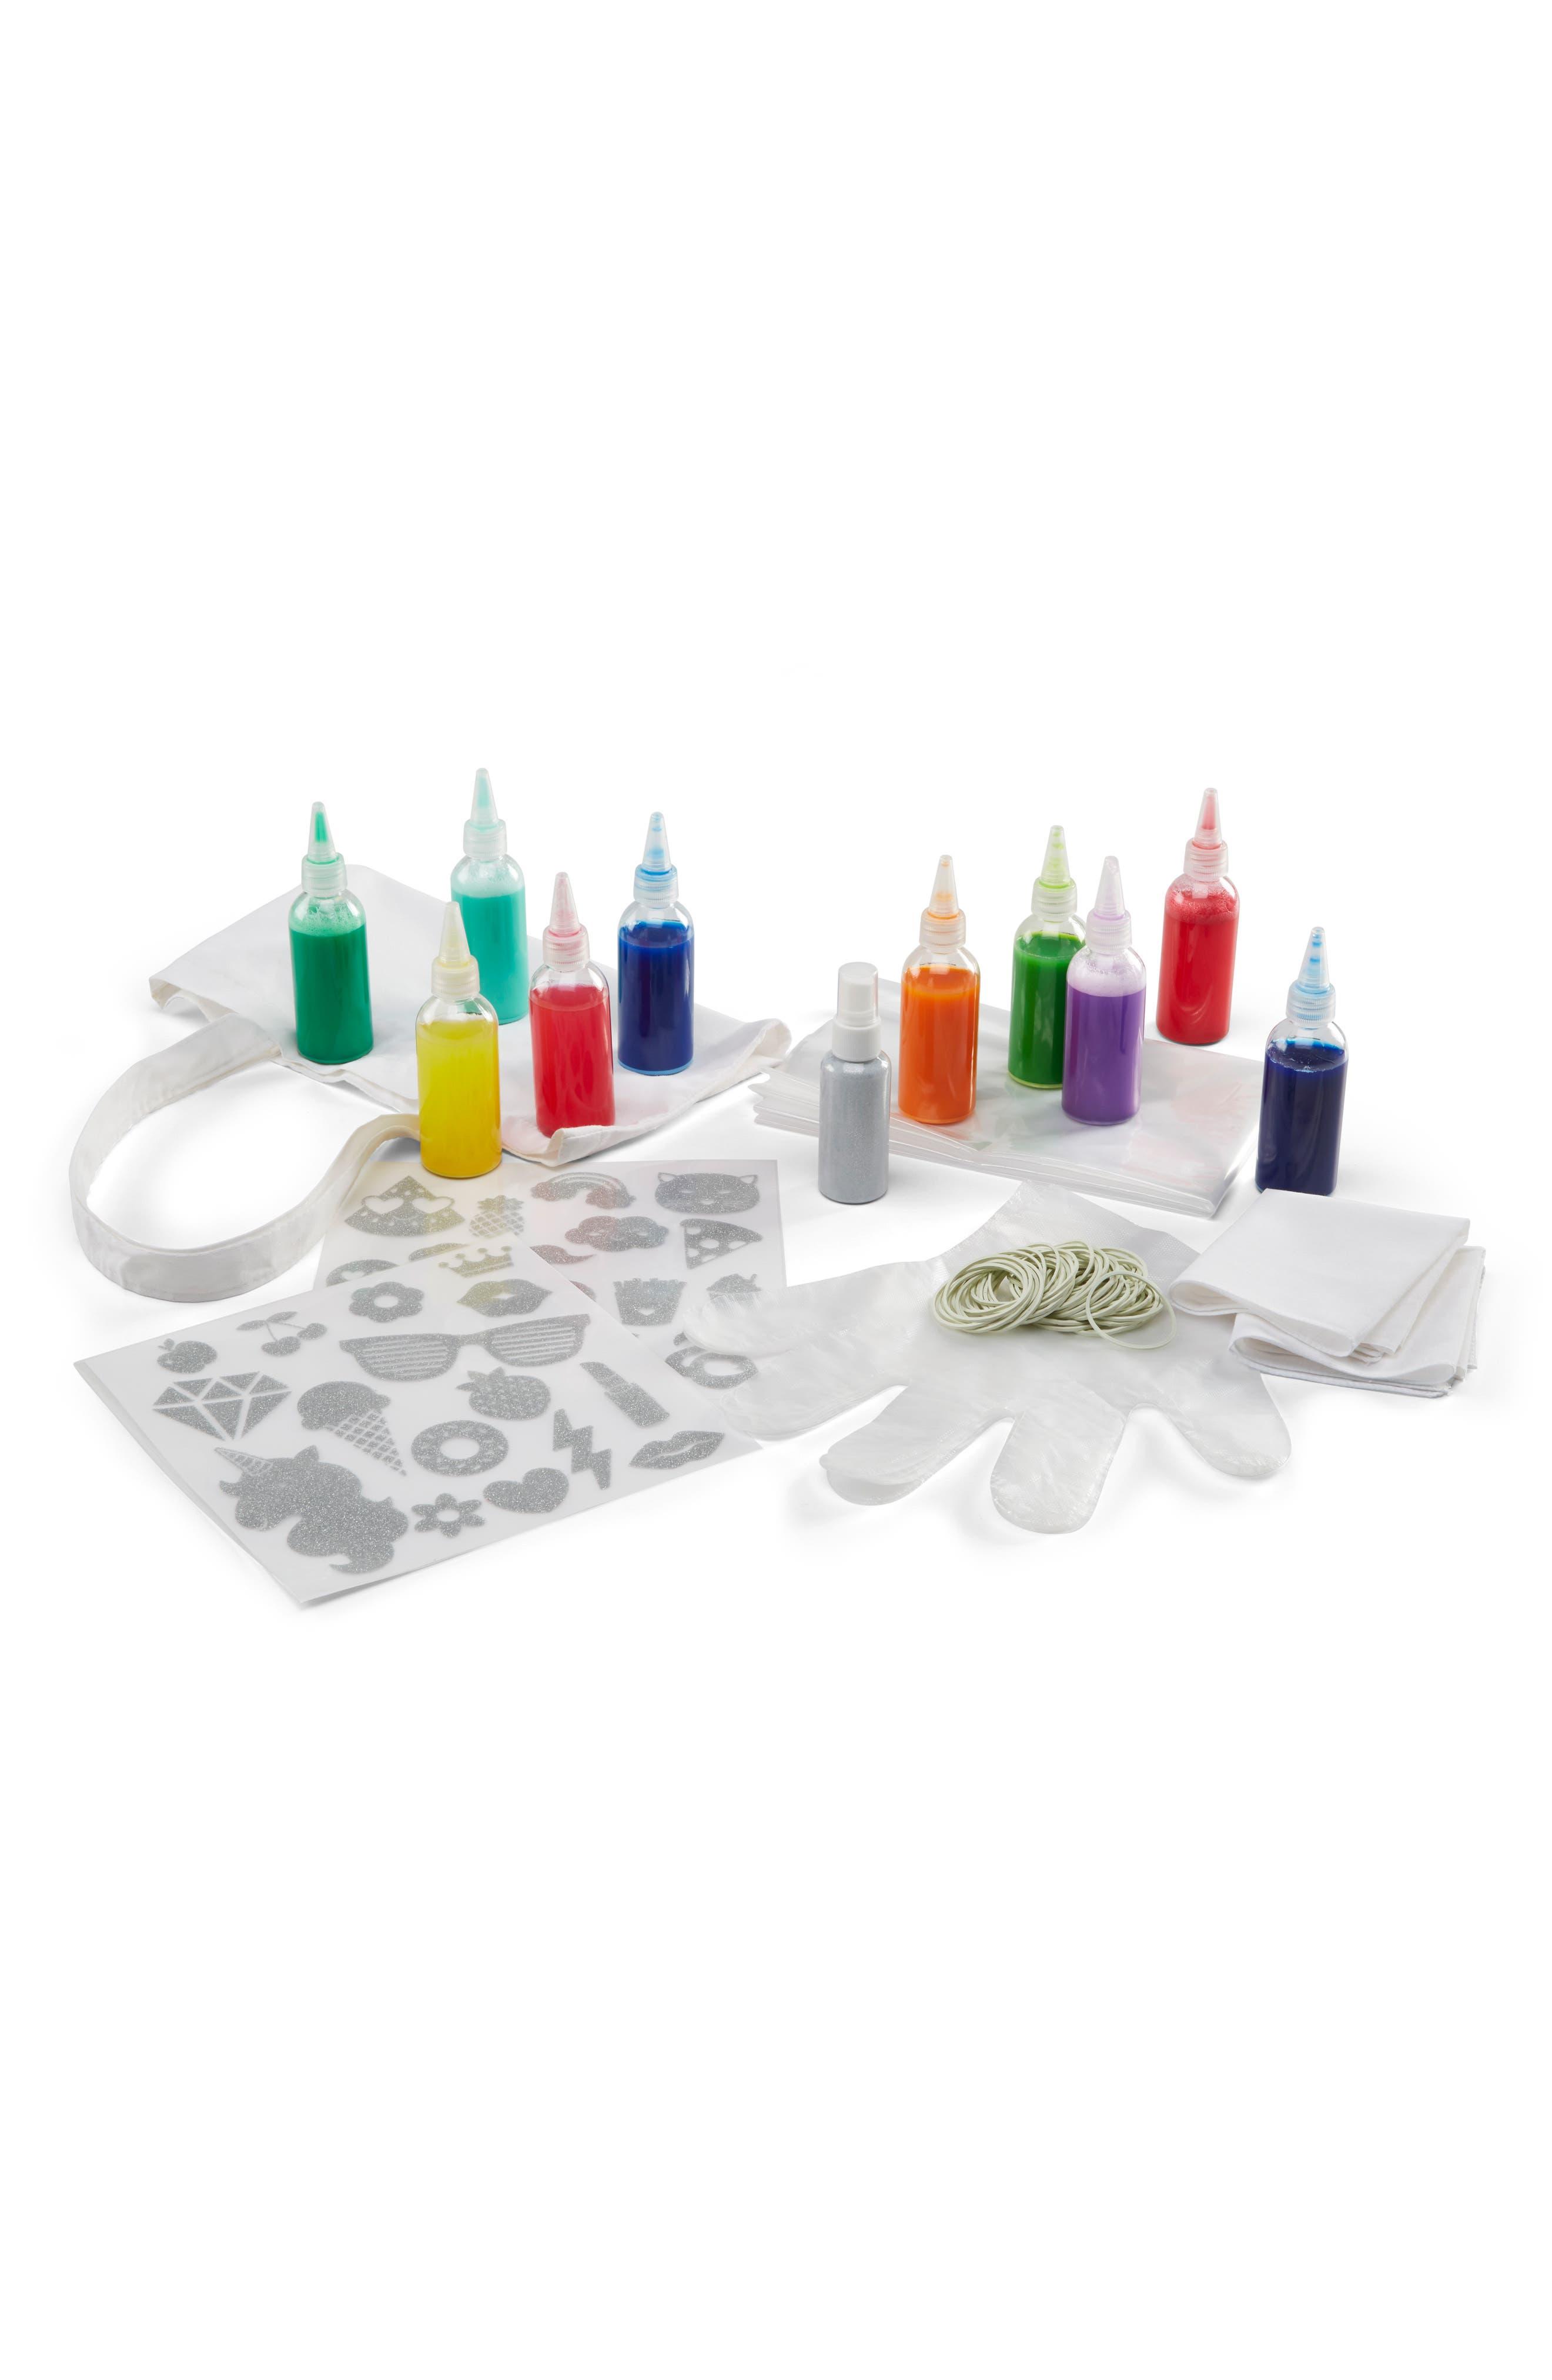 Fao Schwarz Ultimate Tie Dye Kit